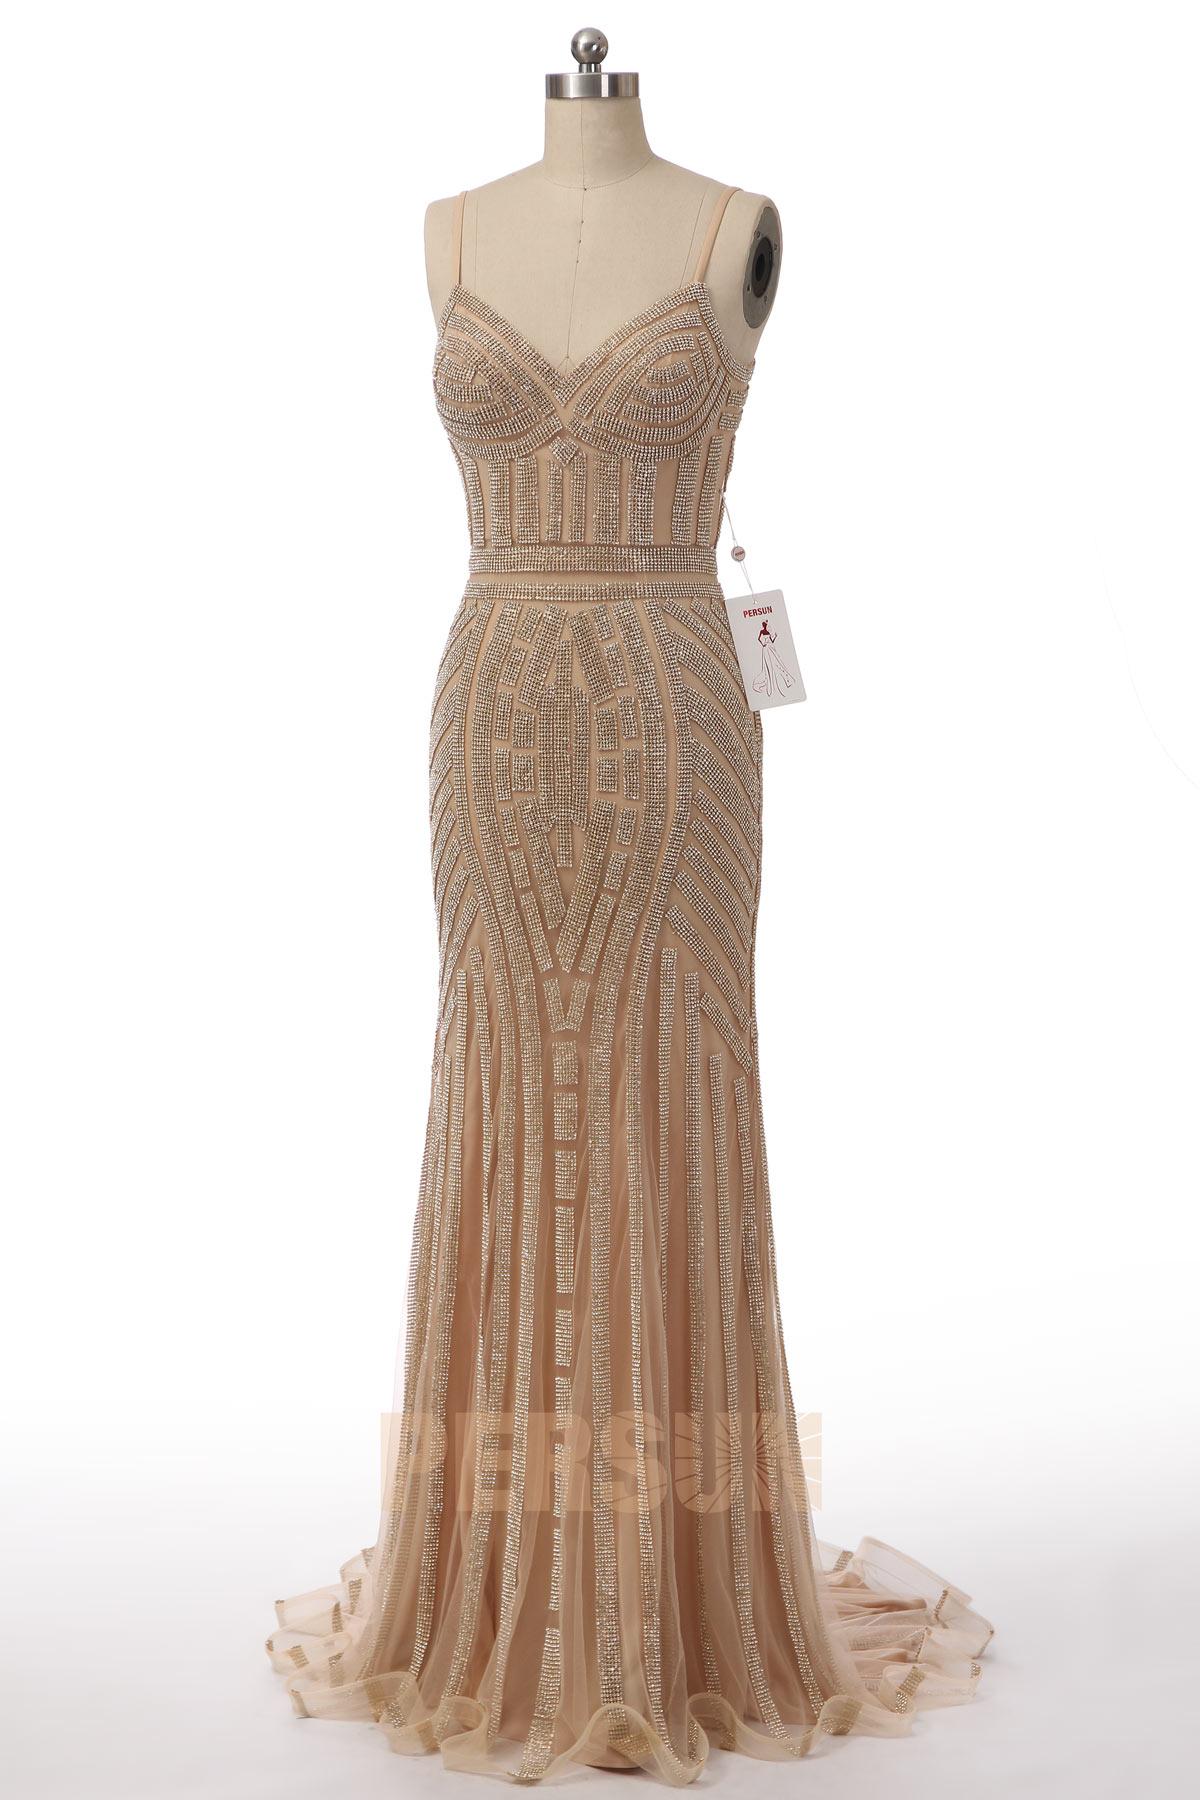 robe de soirée champagne & dorée sirène avec bretelle fine